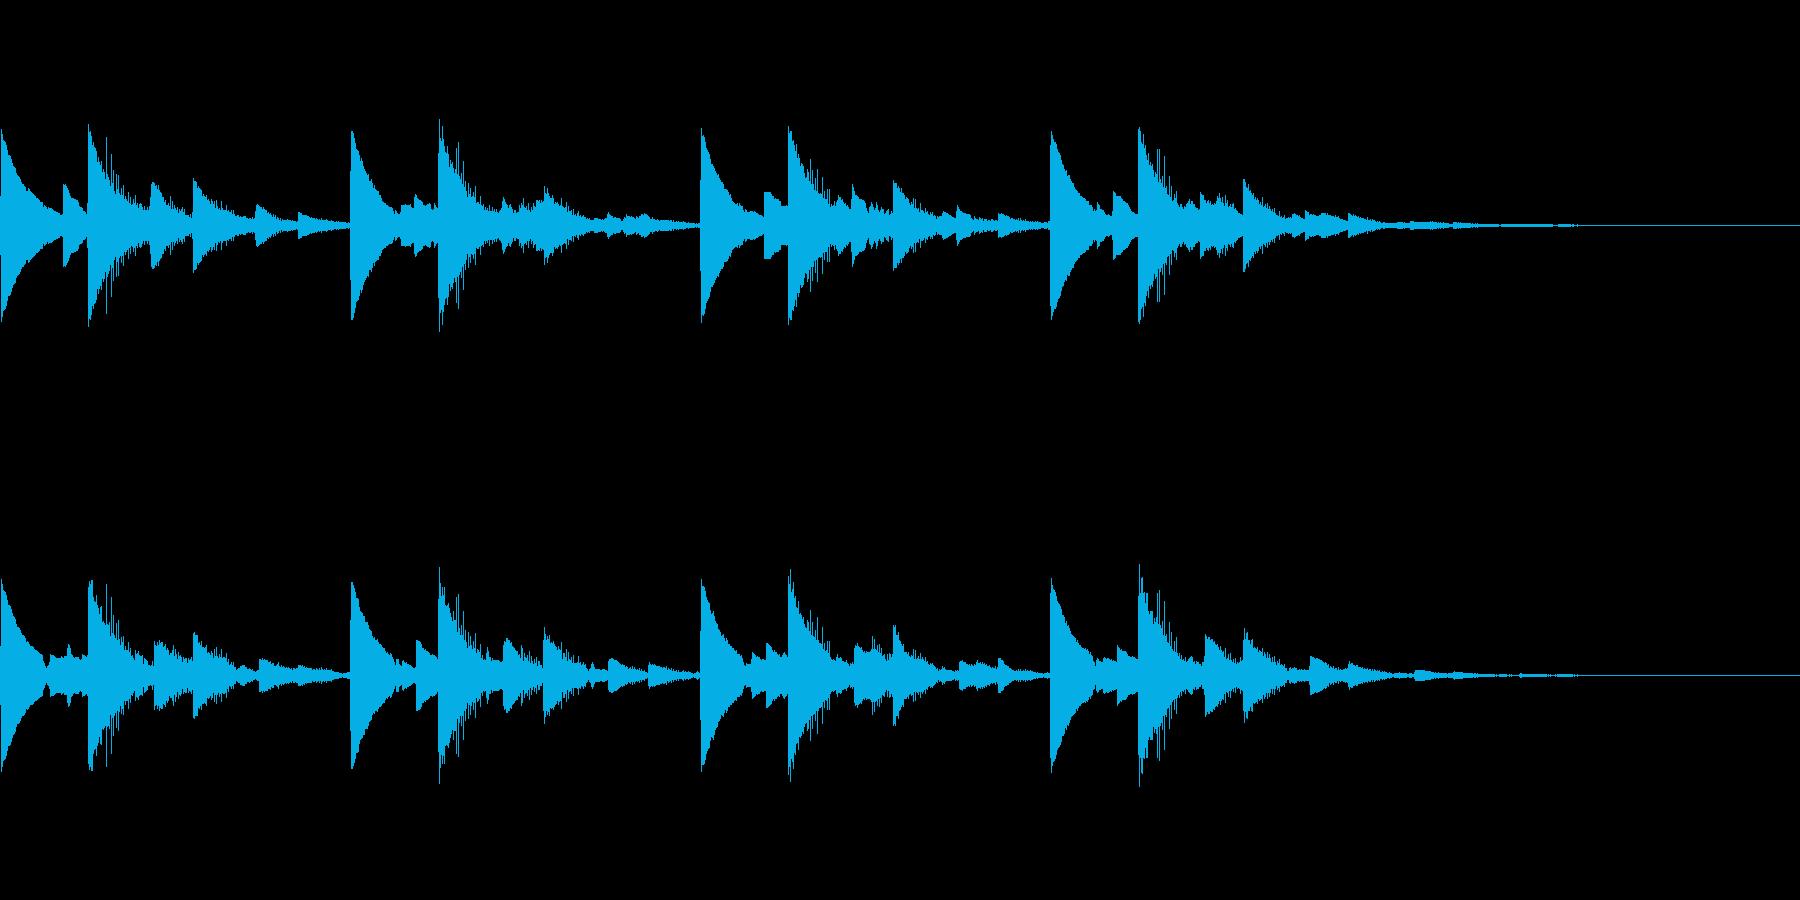 ピンチ危険告知アラームブザー音 ピコピコの再生済みの波形